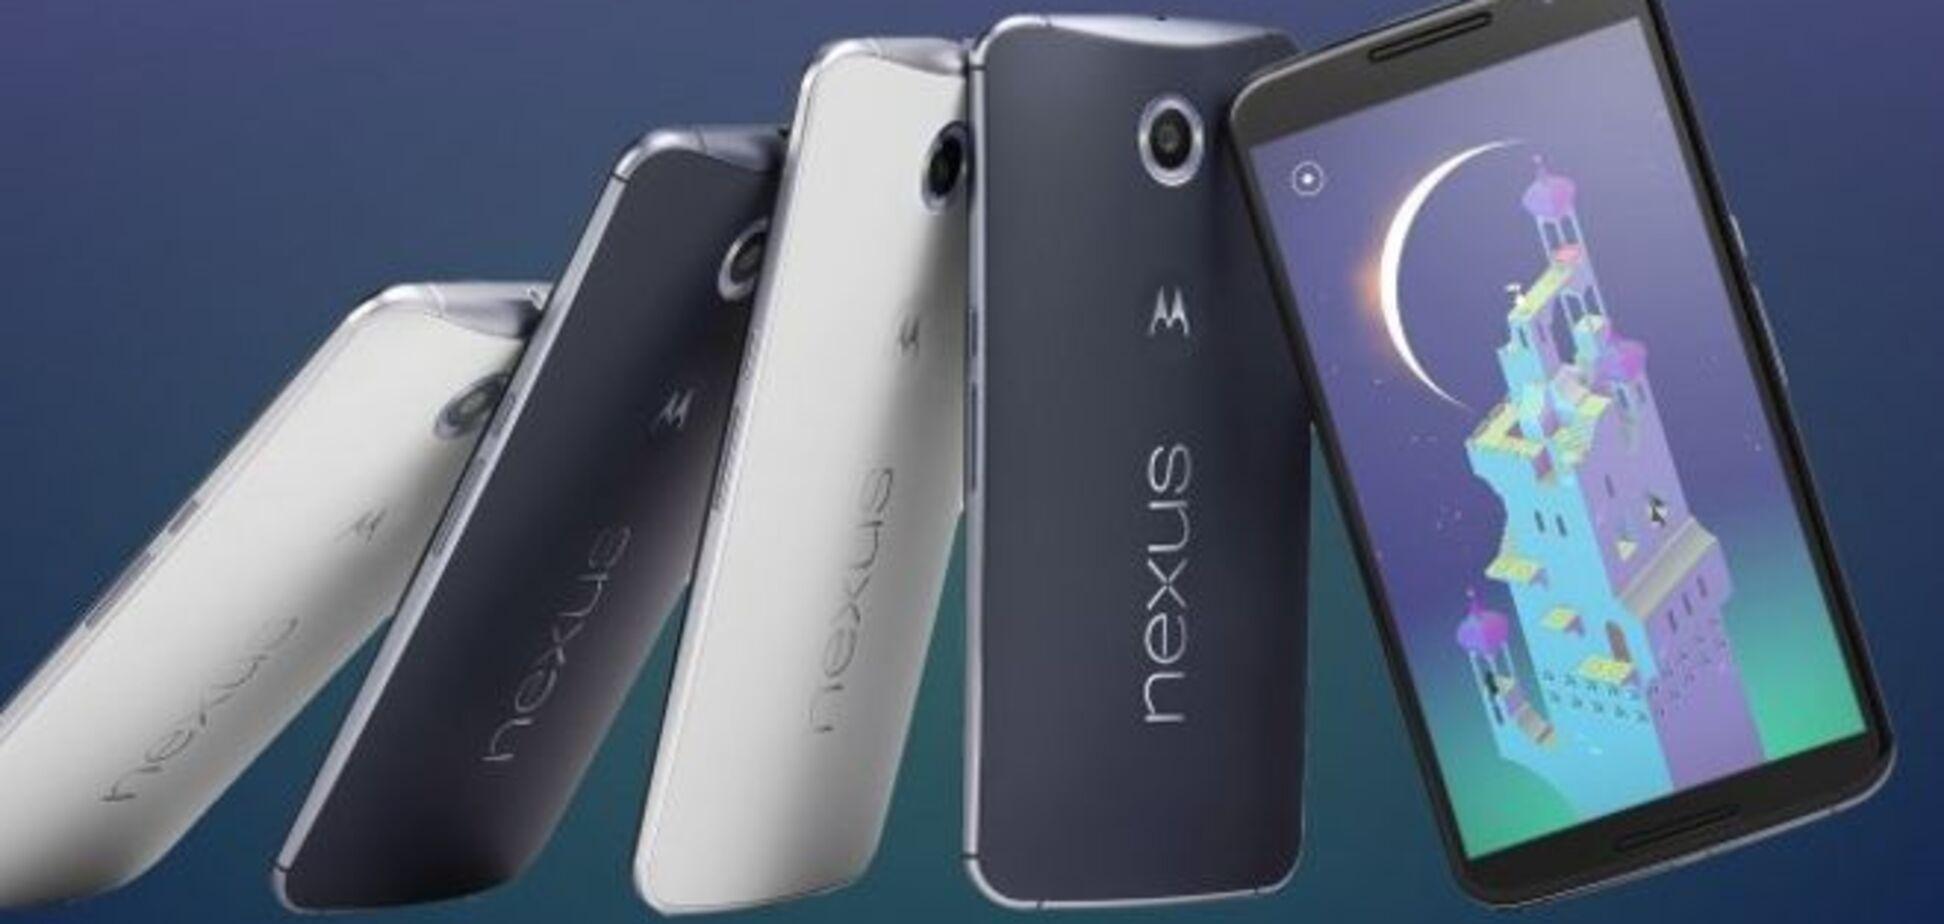 Google випустить найпотужніший смартфон: абсолютний рекорд в AnTuTu